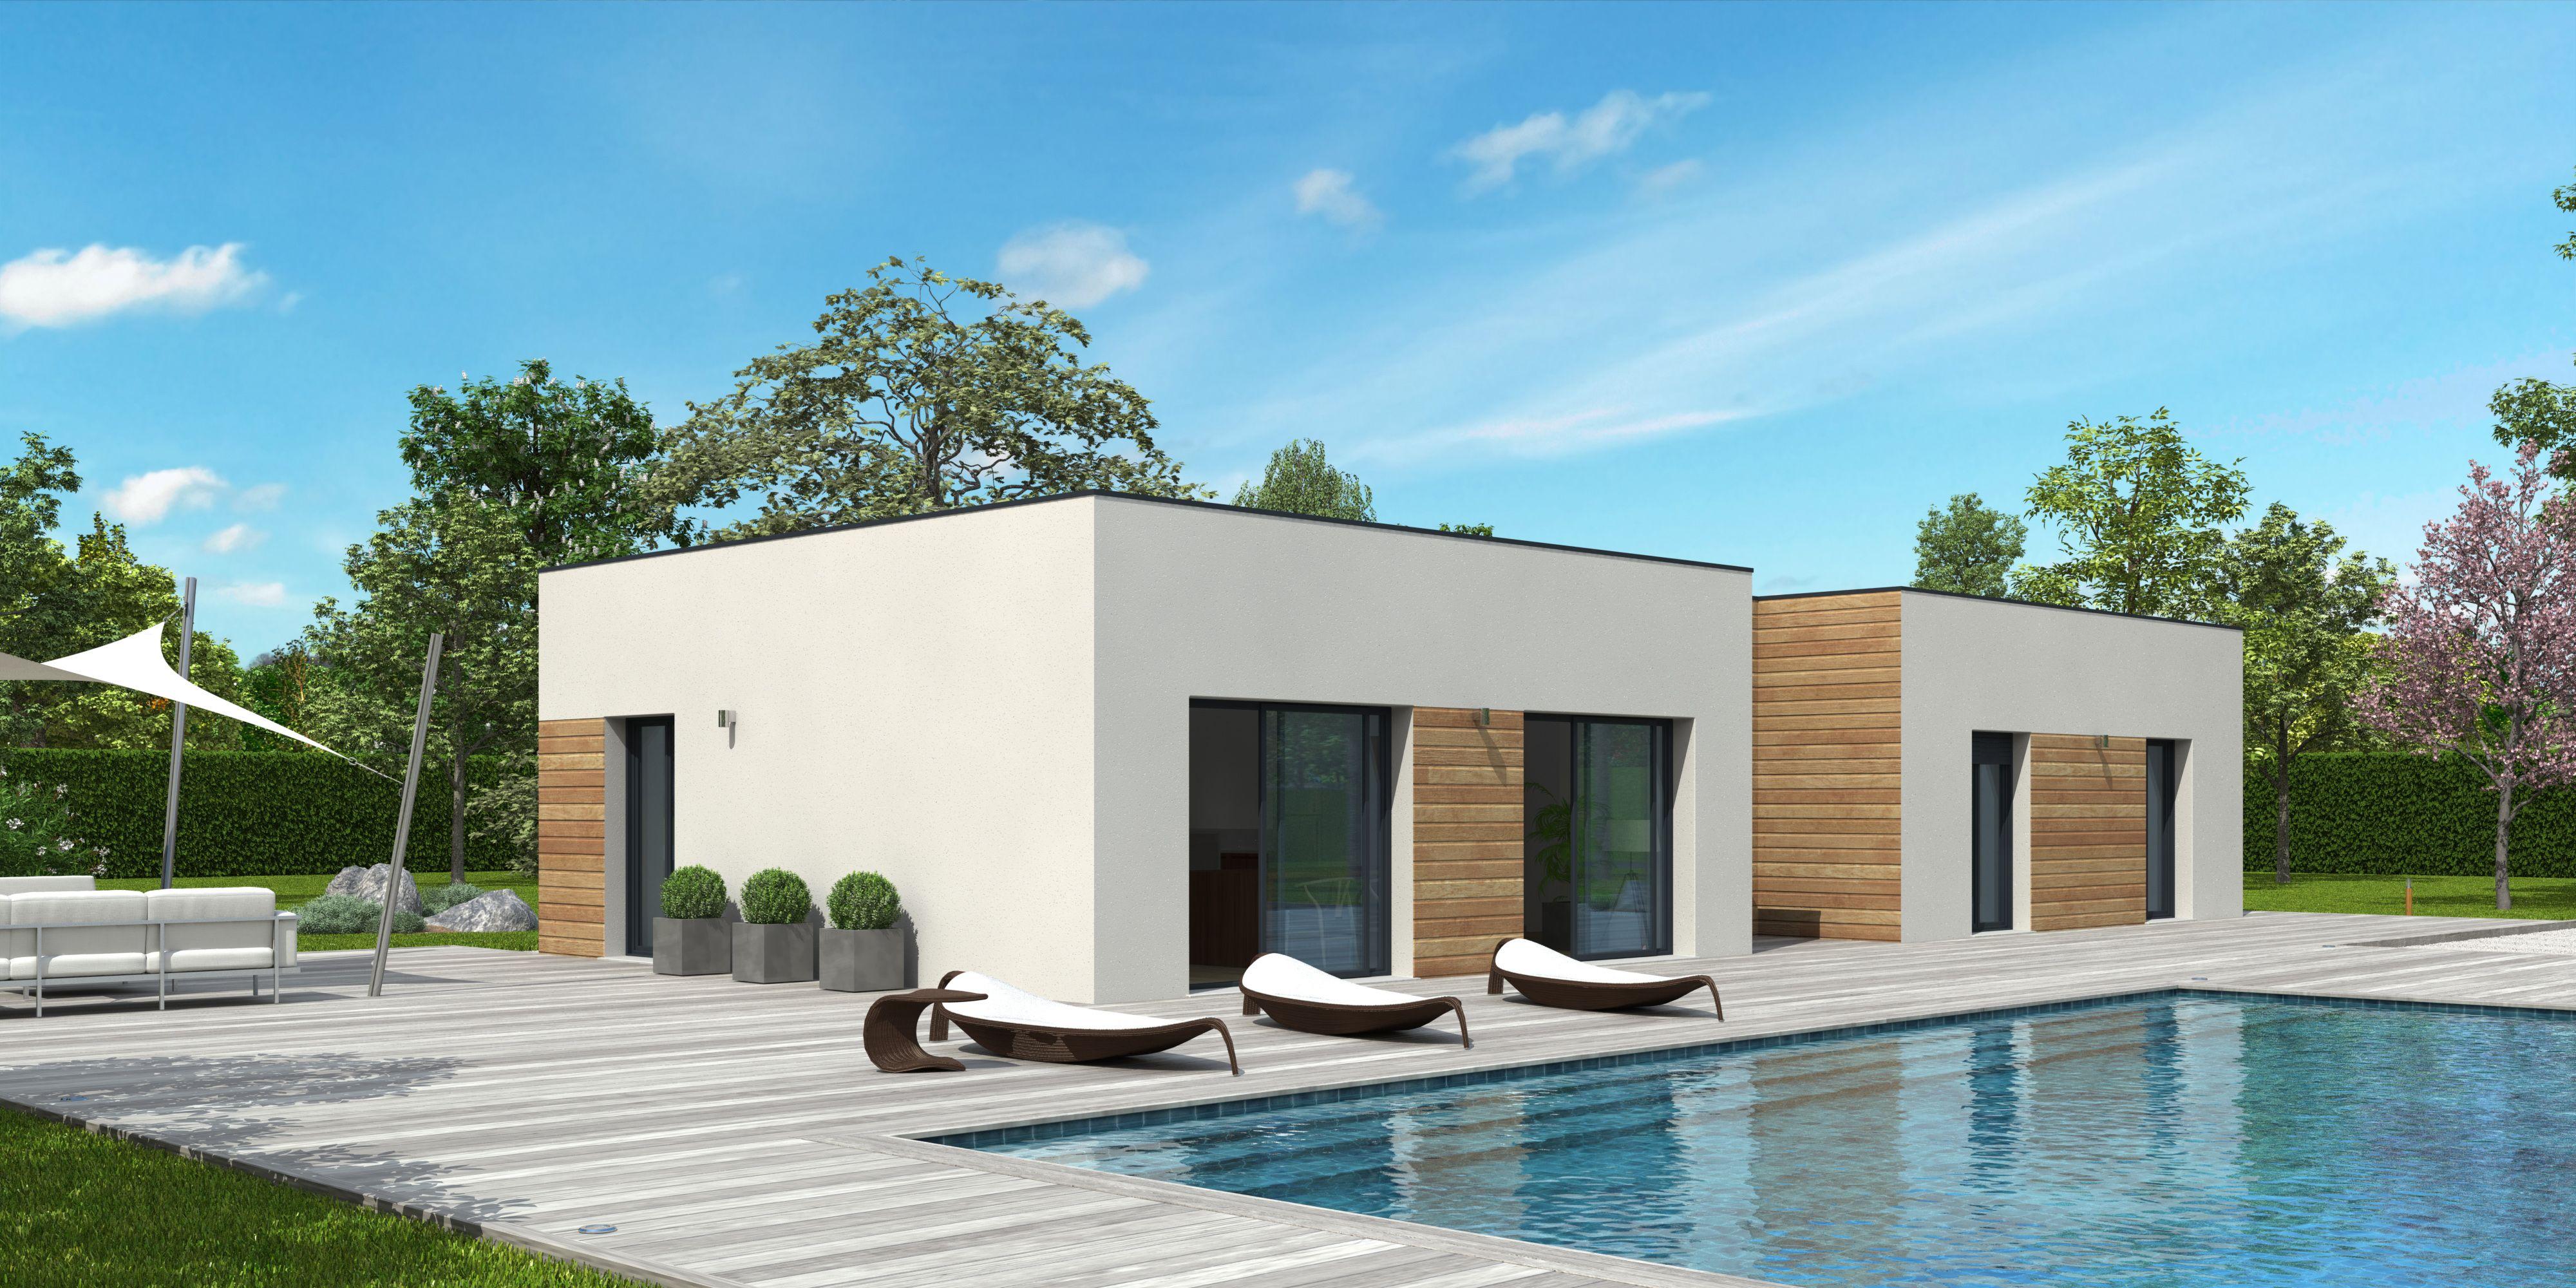 natilia constructeur maison individuelle sur mesure en loire atlantique constructeur maison. Black Bedroom Furniture Sets. Home Design Ideas